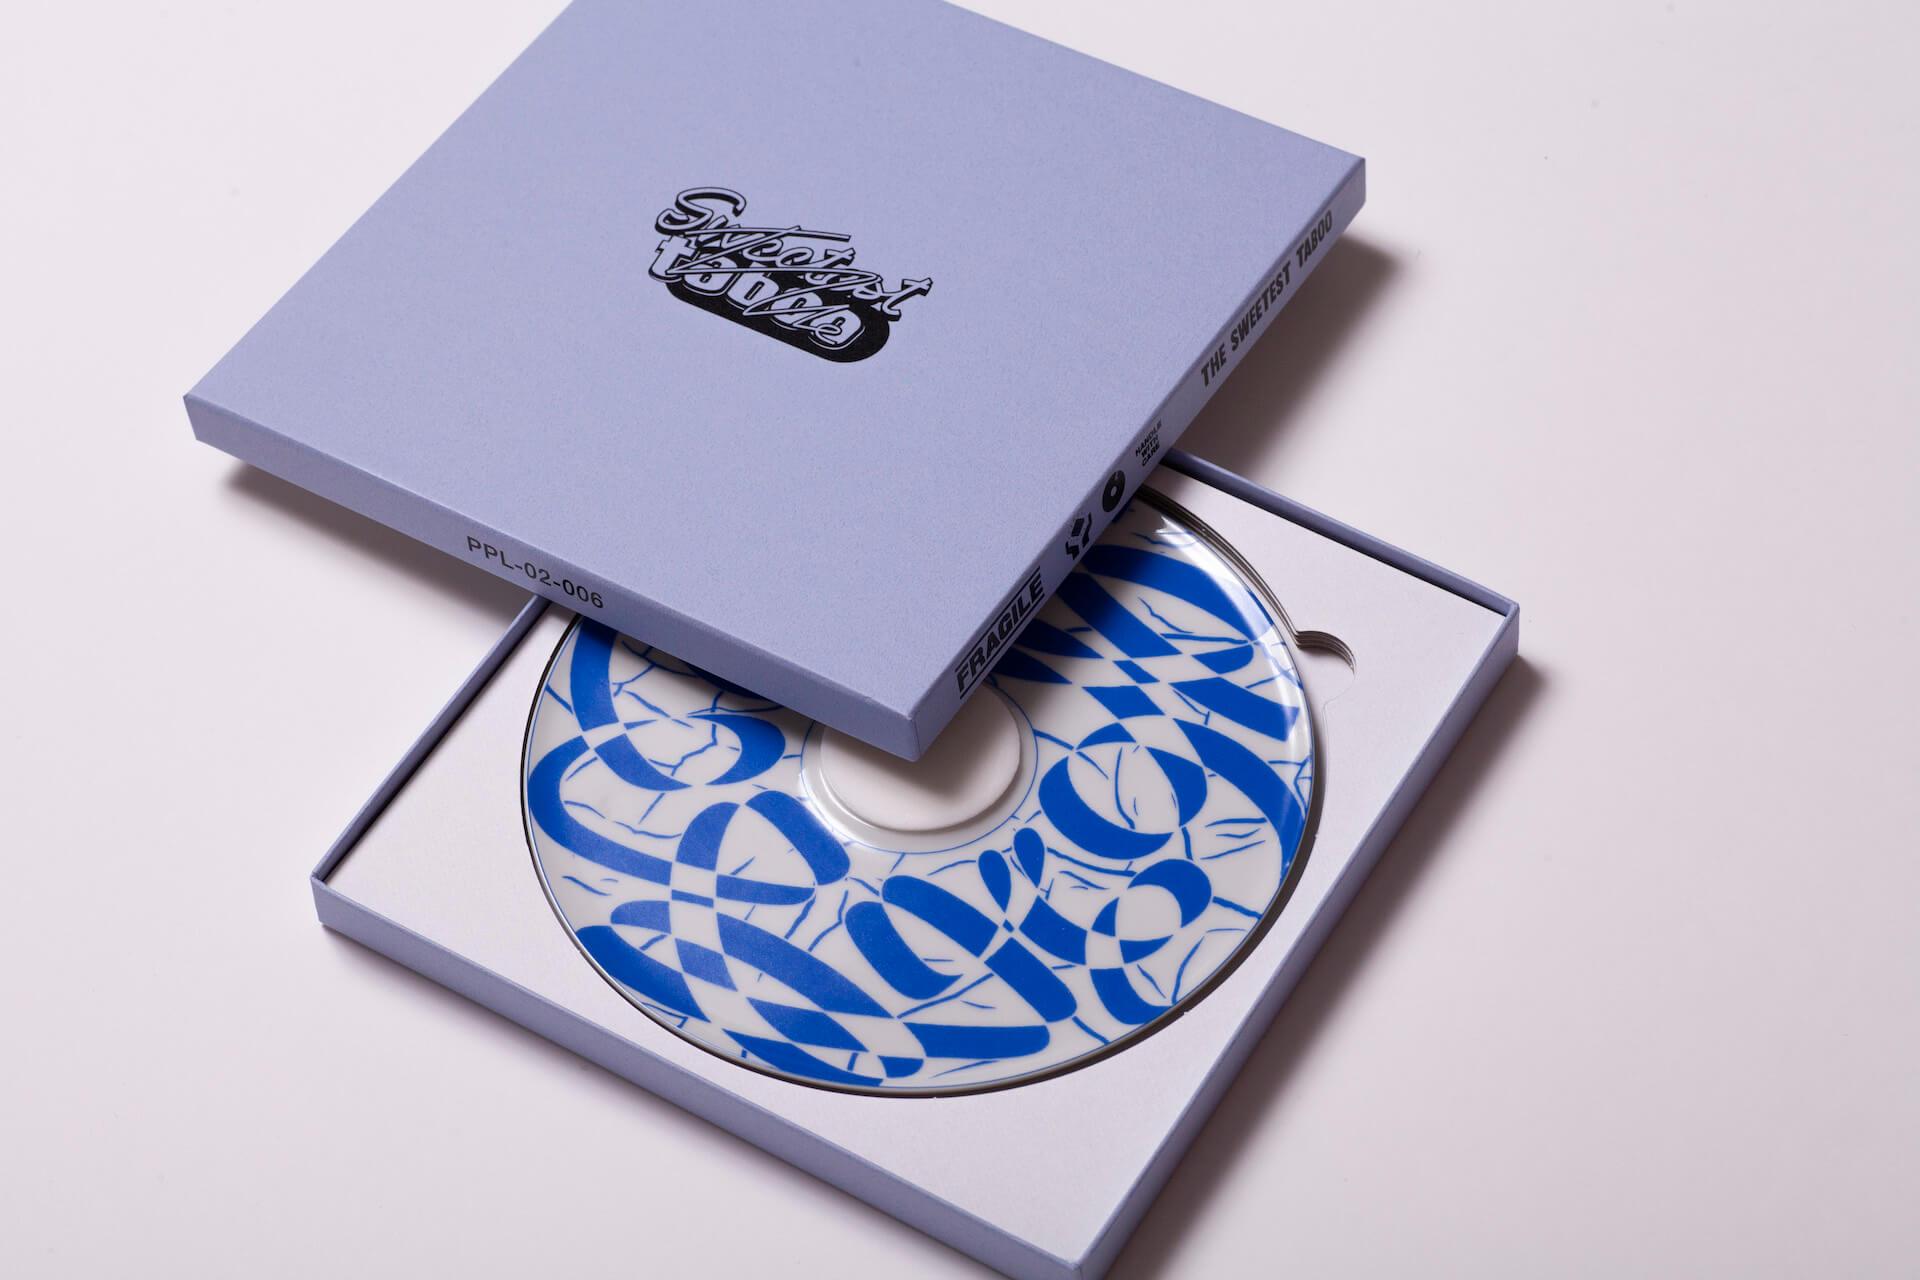 インタビュー:PEOPLEAP『THE SWEETEST TABOO』シリーズ Vol.2 RYU MIENO art201130_peopleap_ryumieno_07